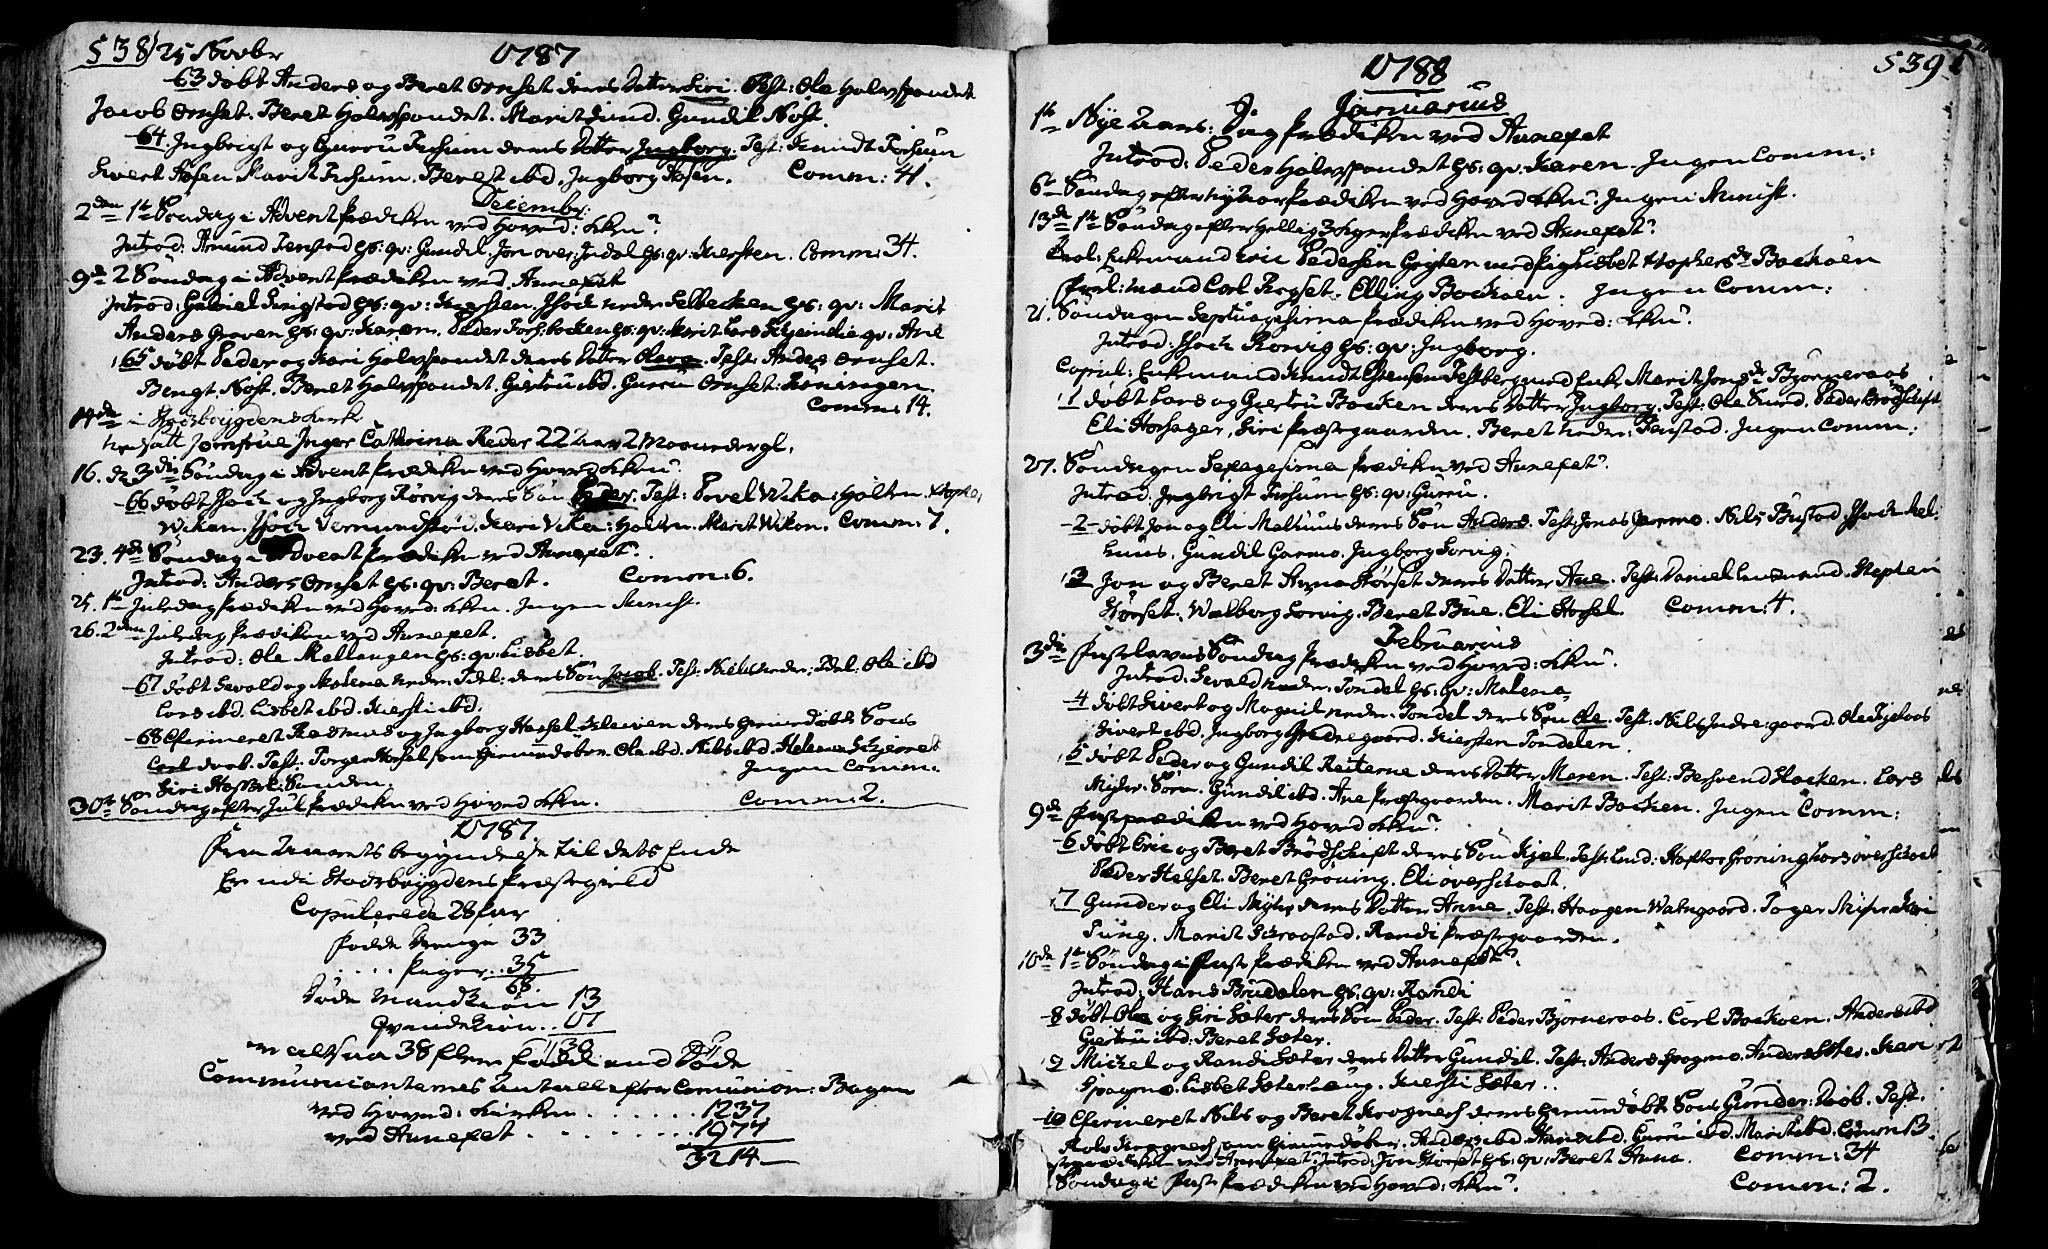 SAT, Ministerialprotokoller, klokkerbøker og fødselsregistre - Sør-Trøndelag, 646/L0605: Ministerialbok nr. 646A03, 1751-1790, s. 538-539